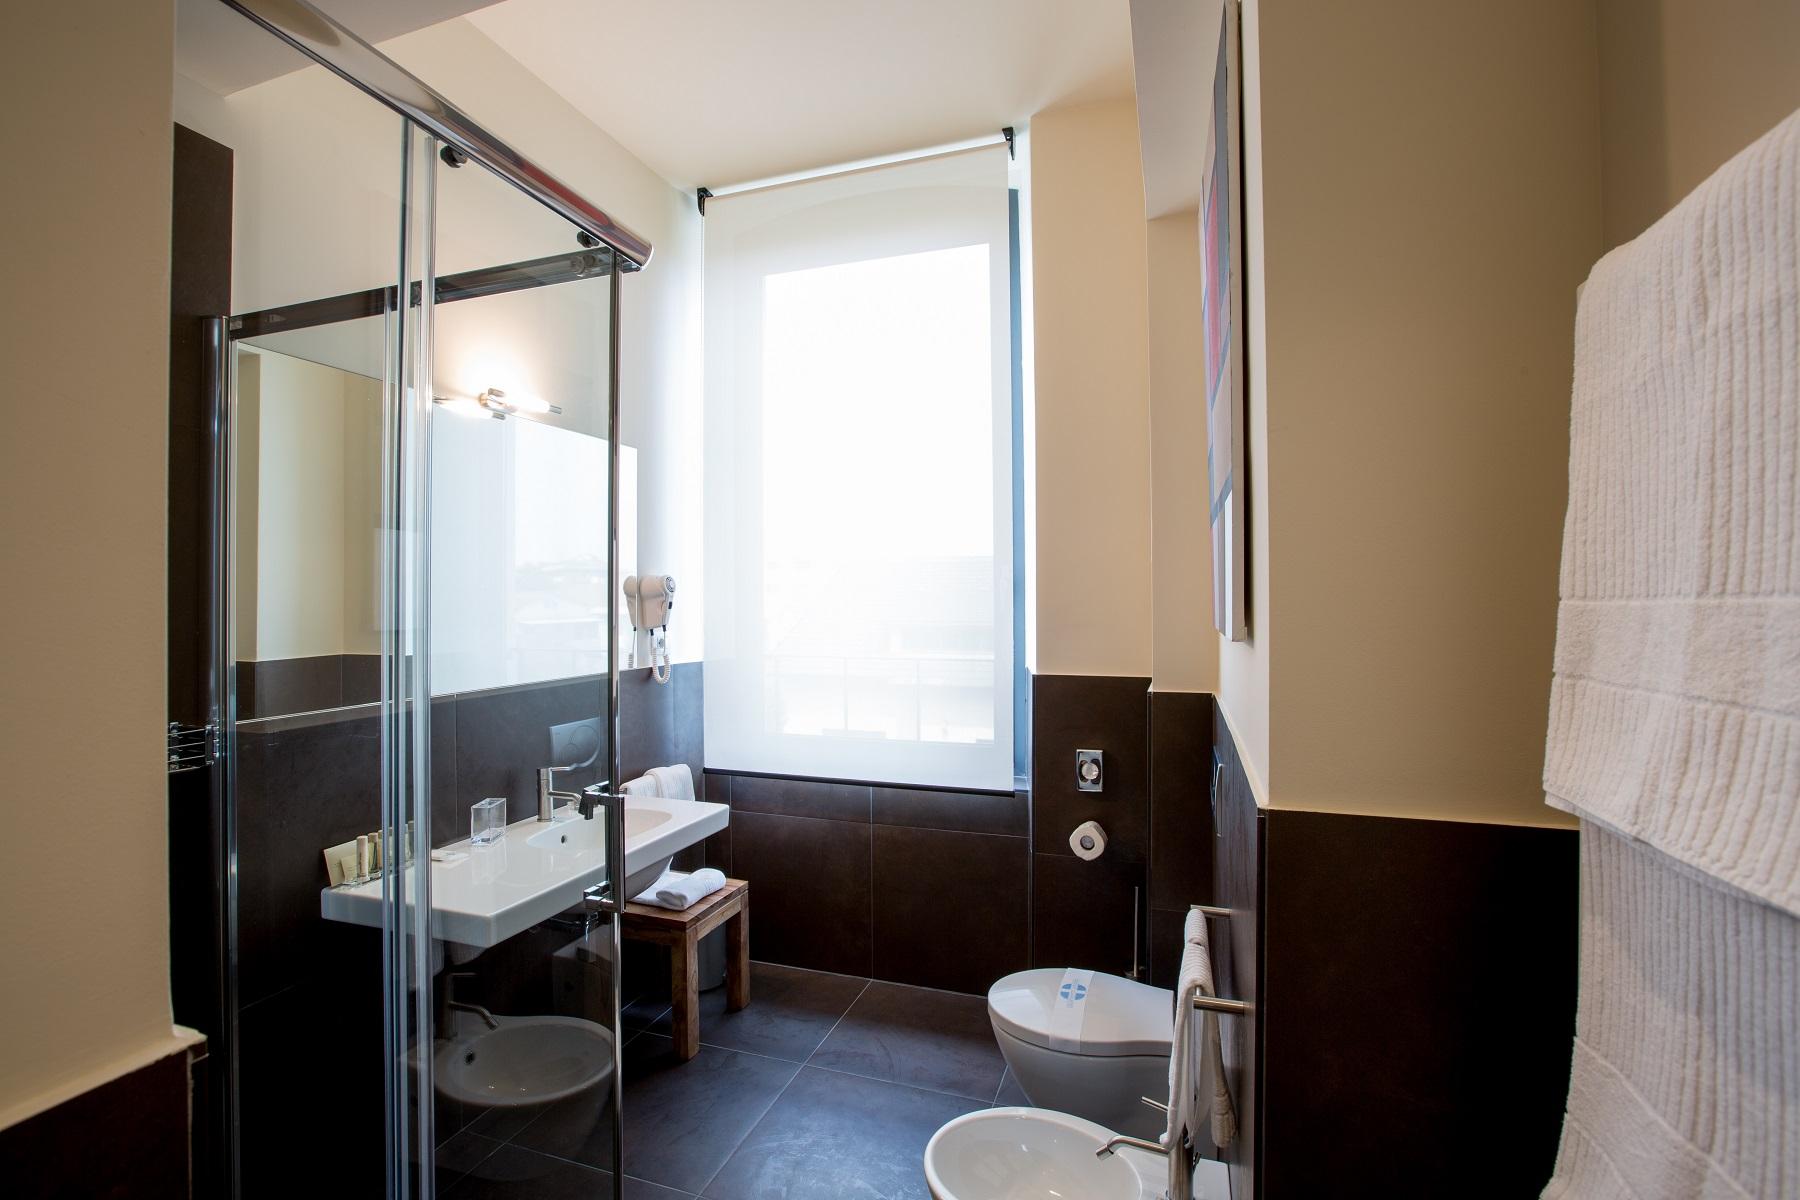 Hotel 900 Bagno Toilette Camere comunicanti